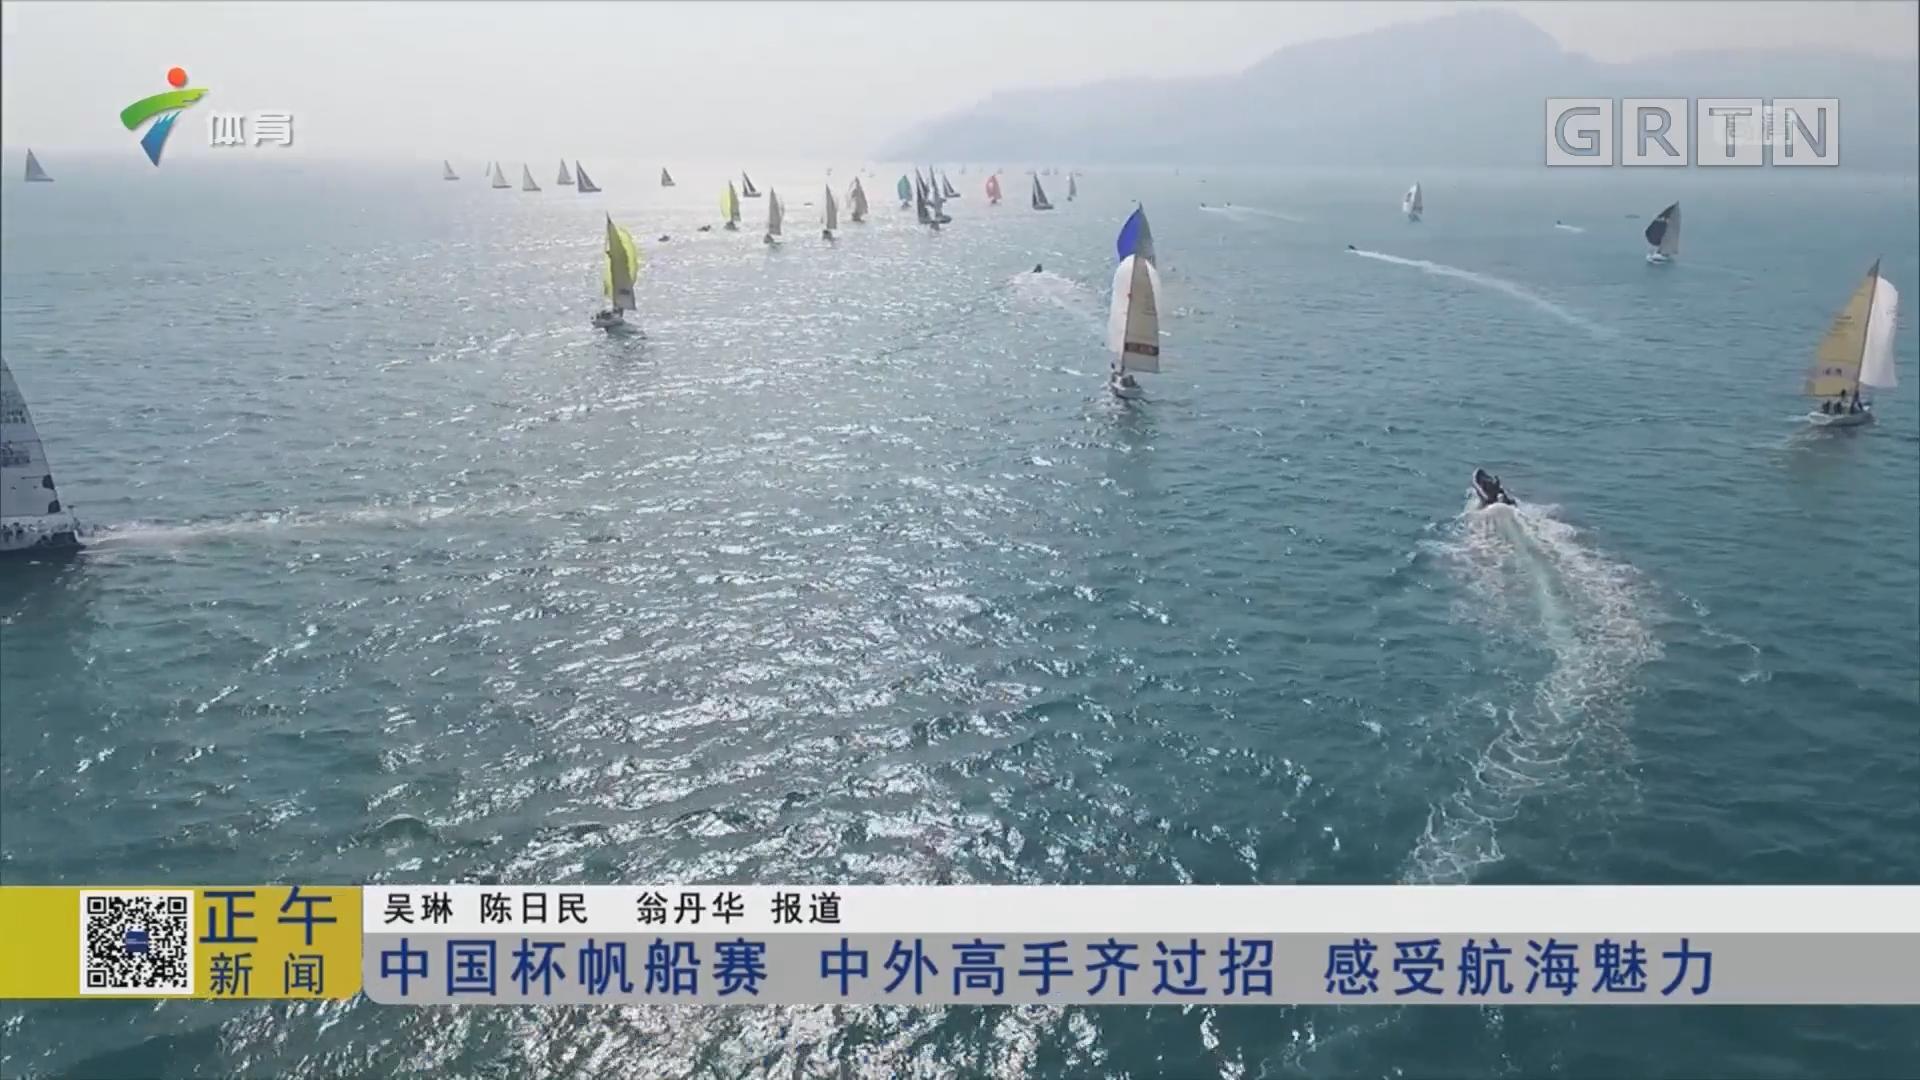 中国杯帆船赛 中外高手齐过招 感受航海魅力